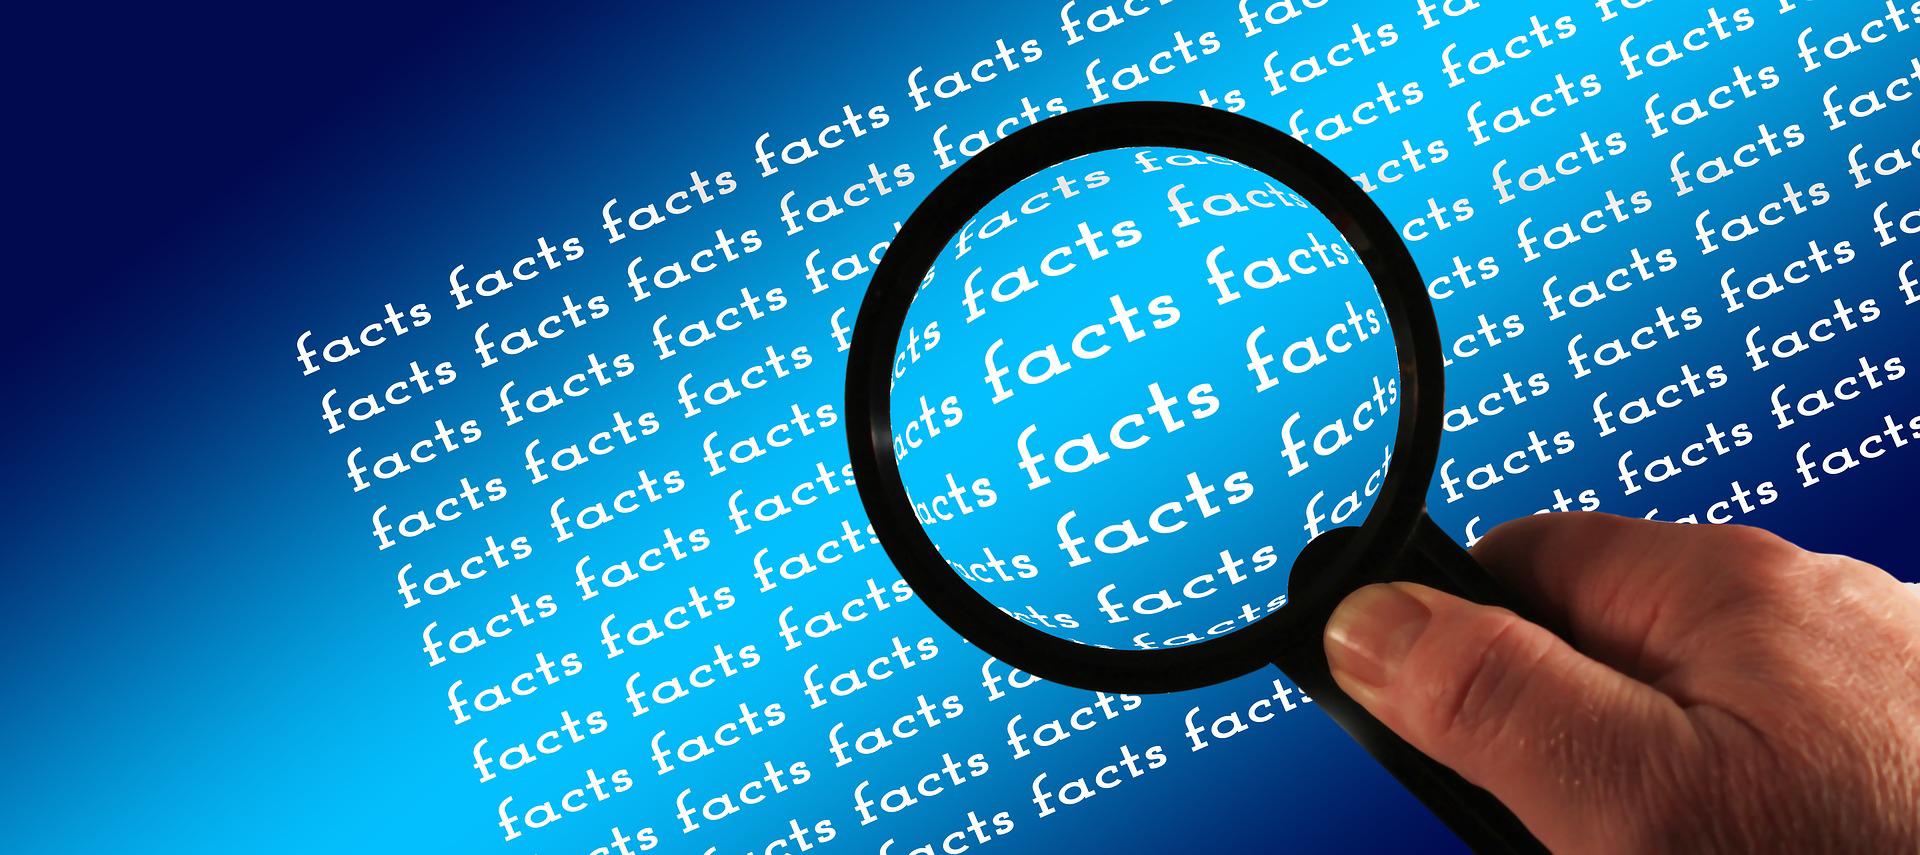 factasia.org